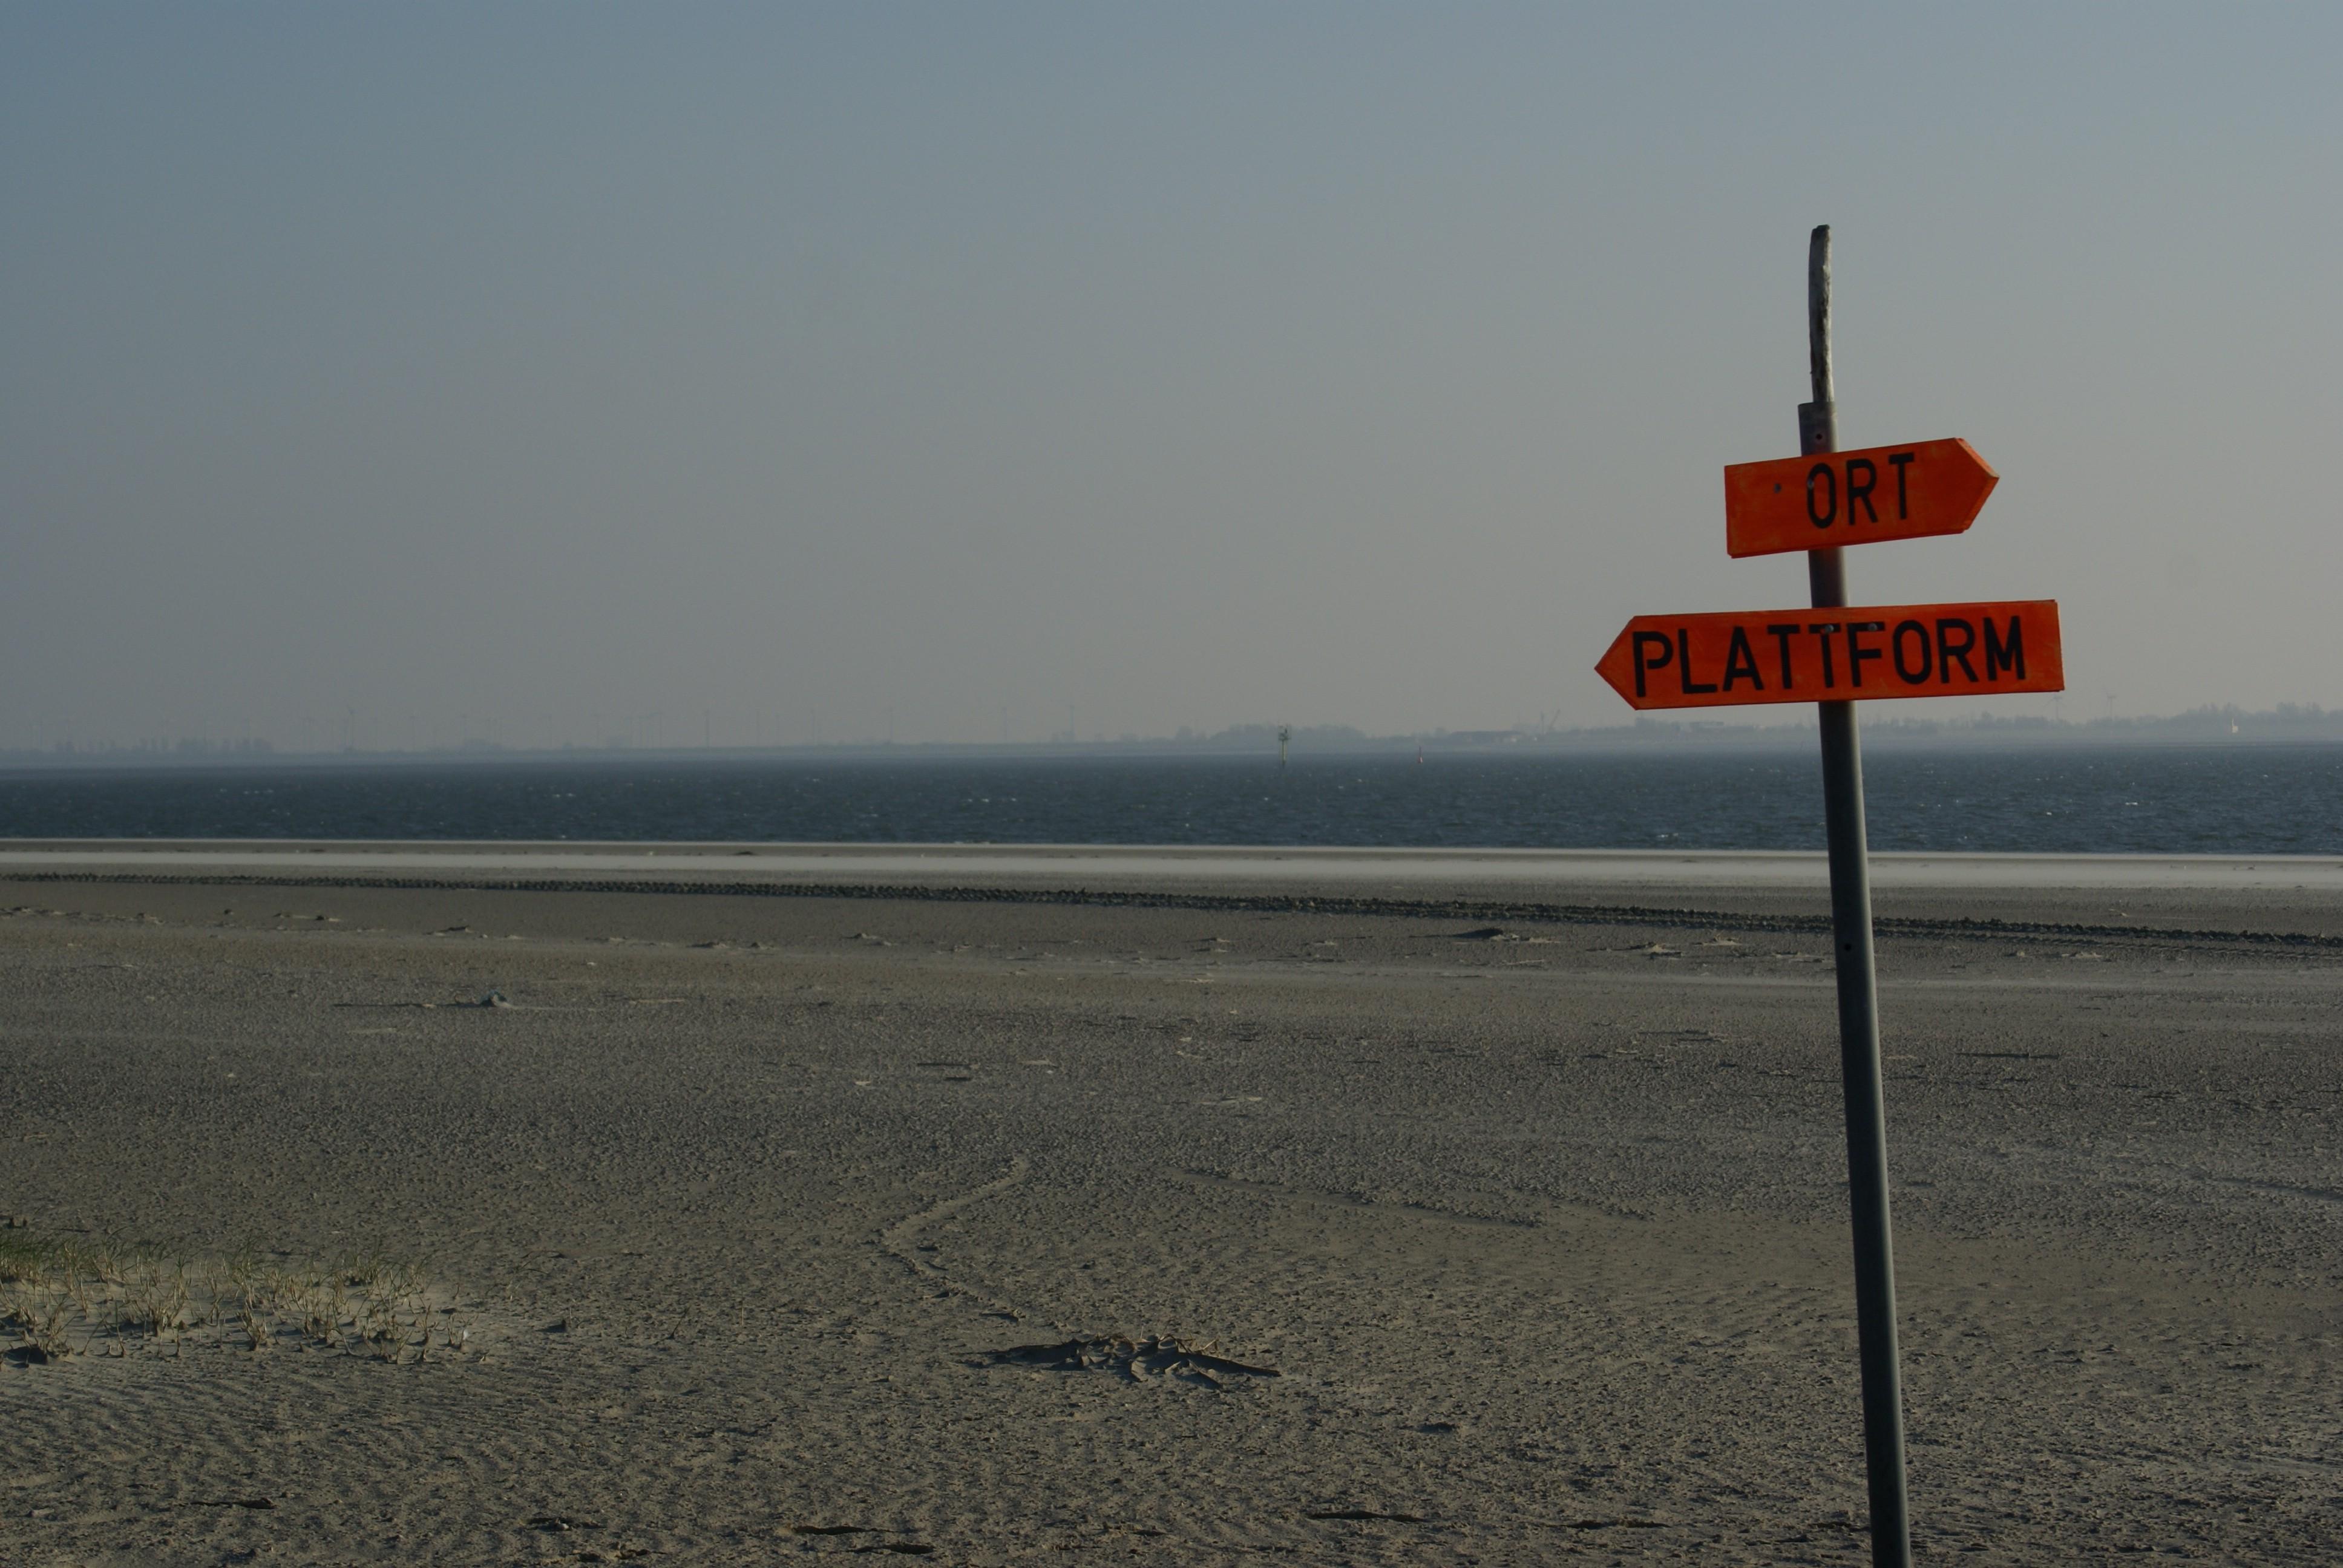 Bild von 2 von 3 Routen